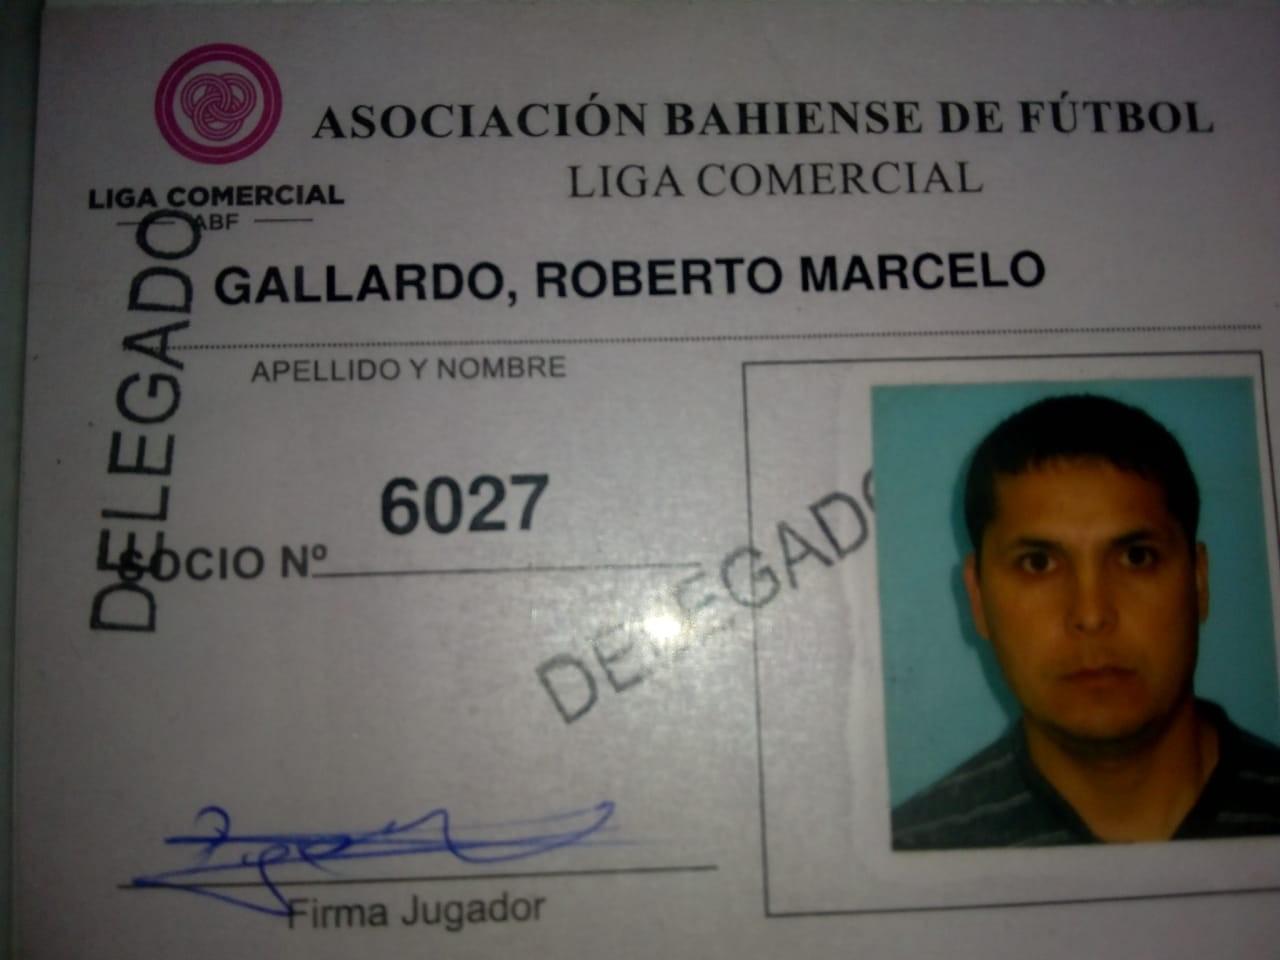 Roberto Marcelo Gallardo